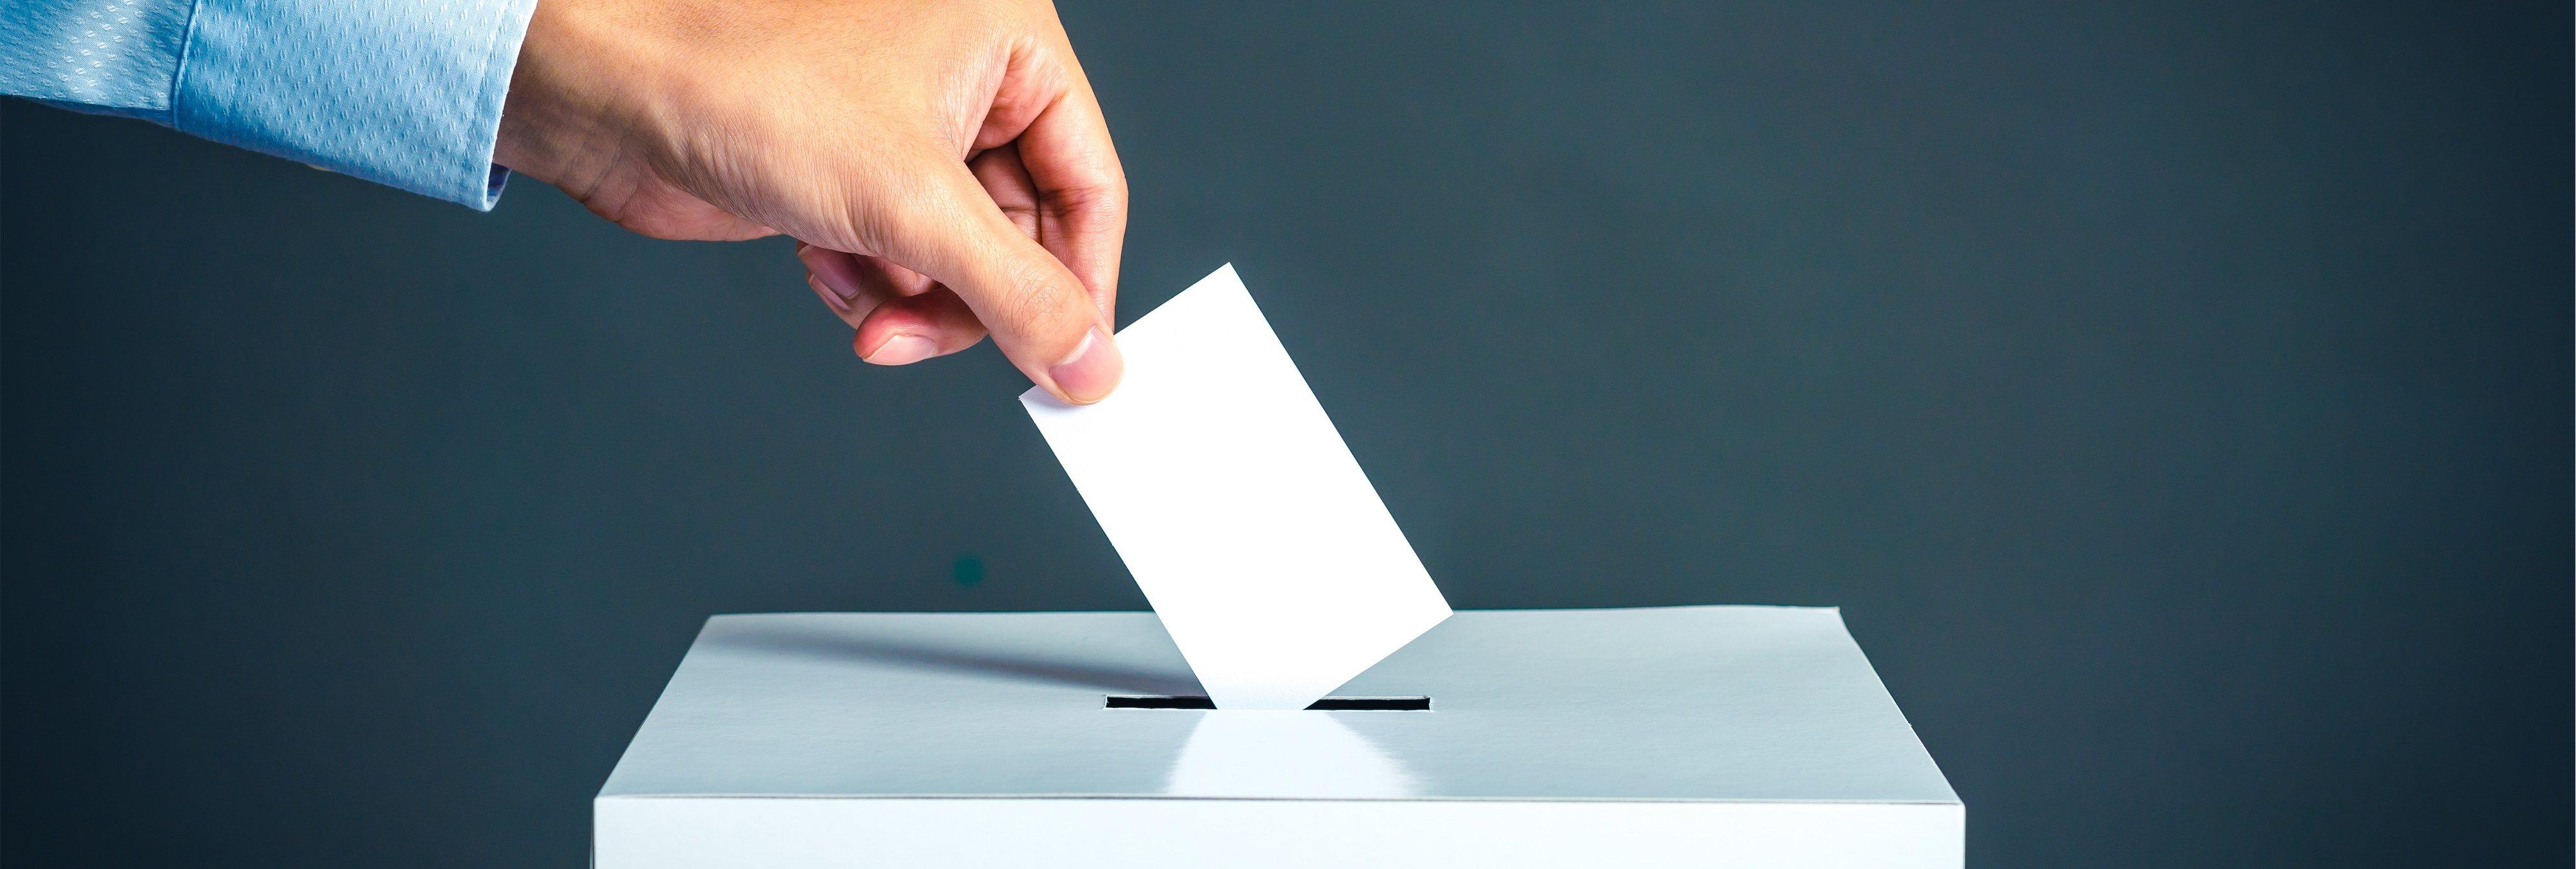 El PSOE gana las elecciones europeas y el PP se consolida como líder de la oposición con buenos resultados en Madrid